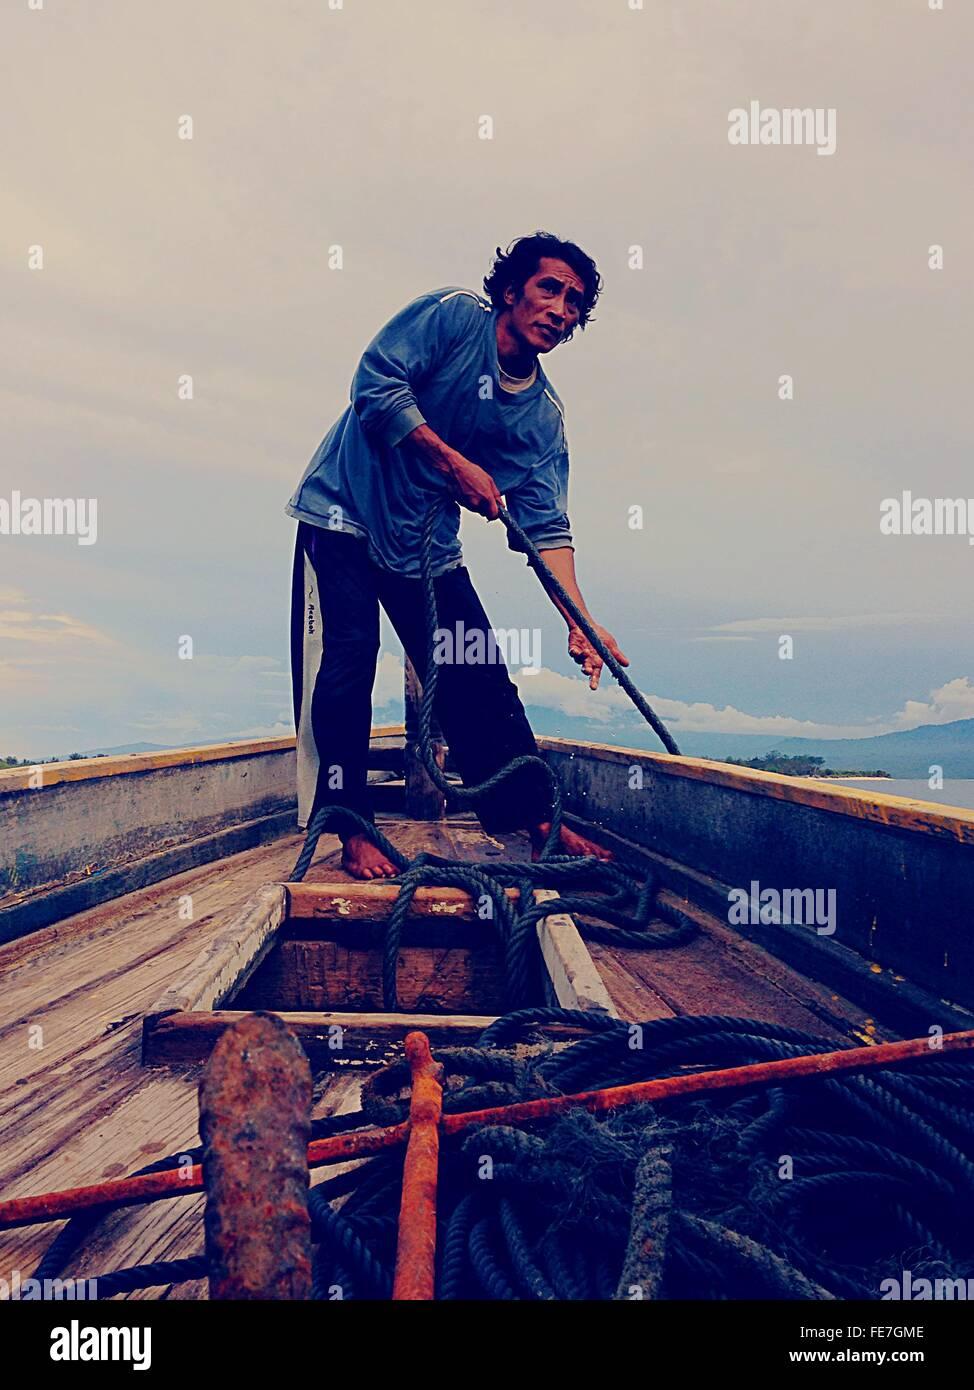 Lunghezza completa dell'uomo tirando la corda in barca contro Sky Immagini Stock